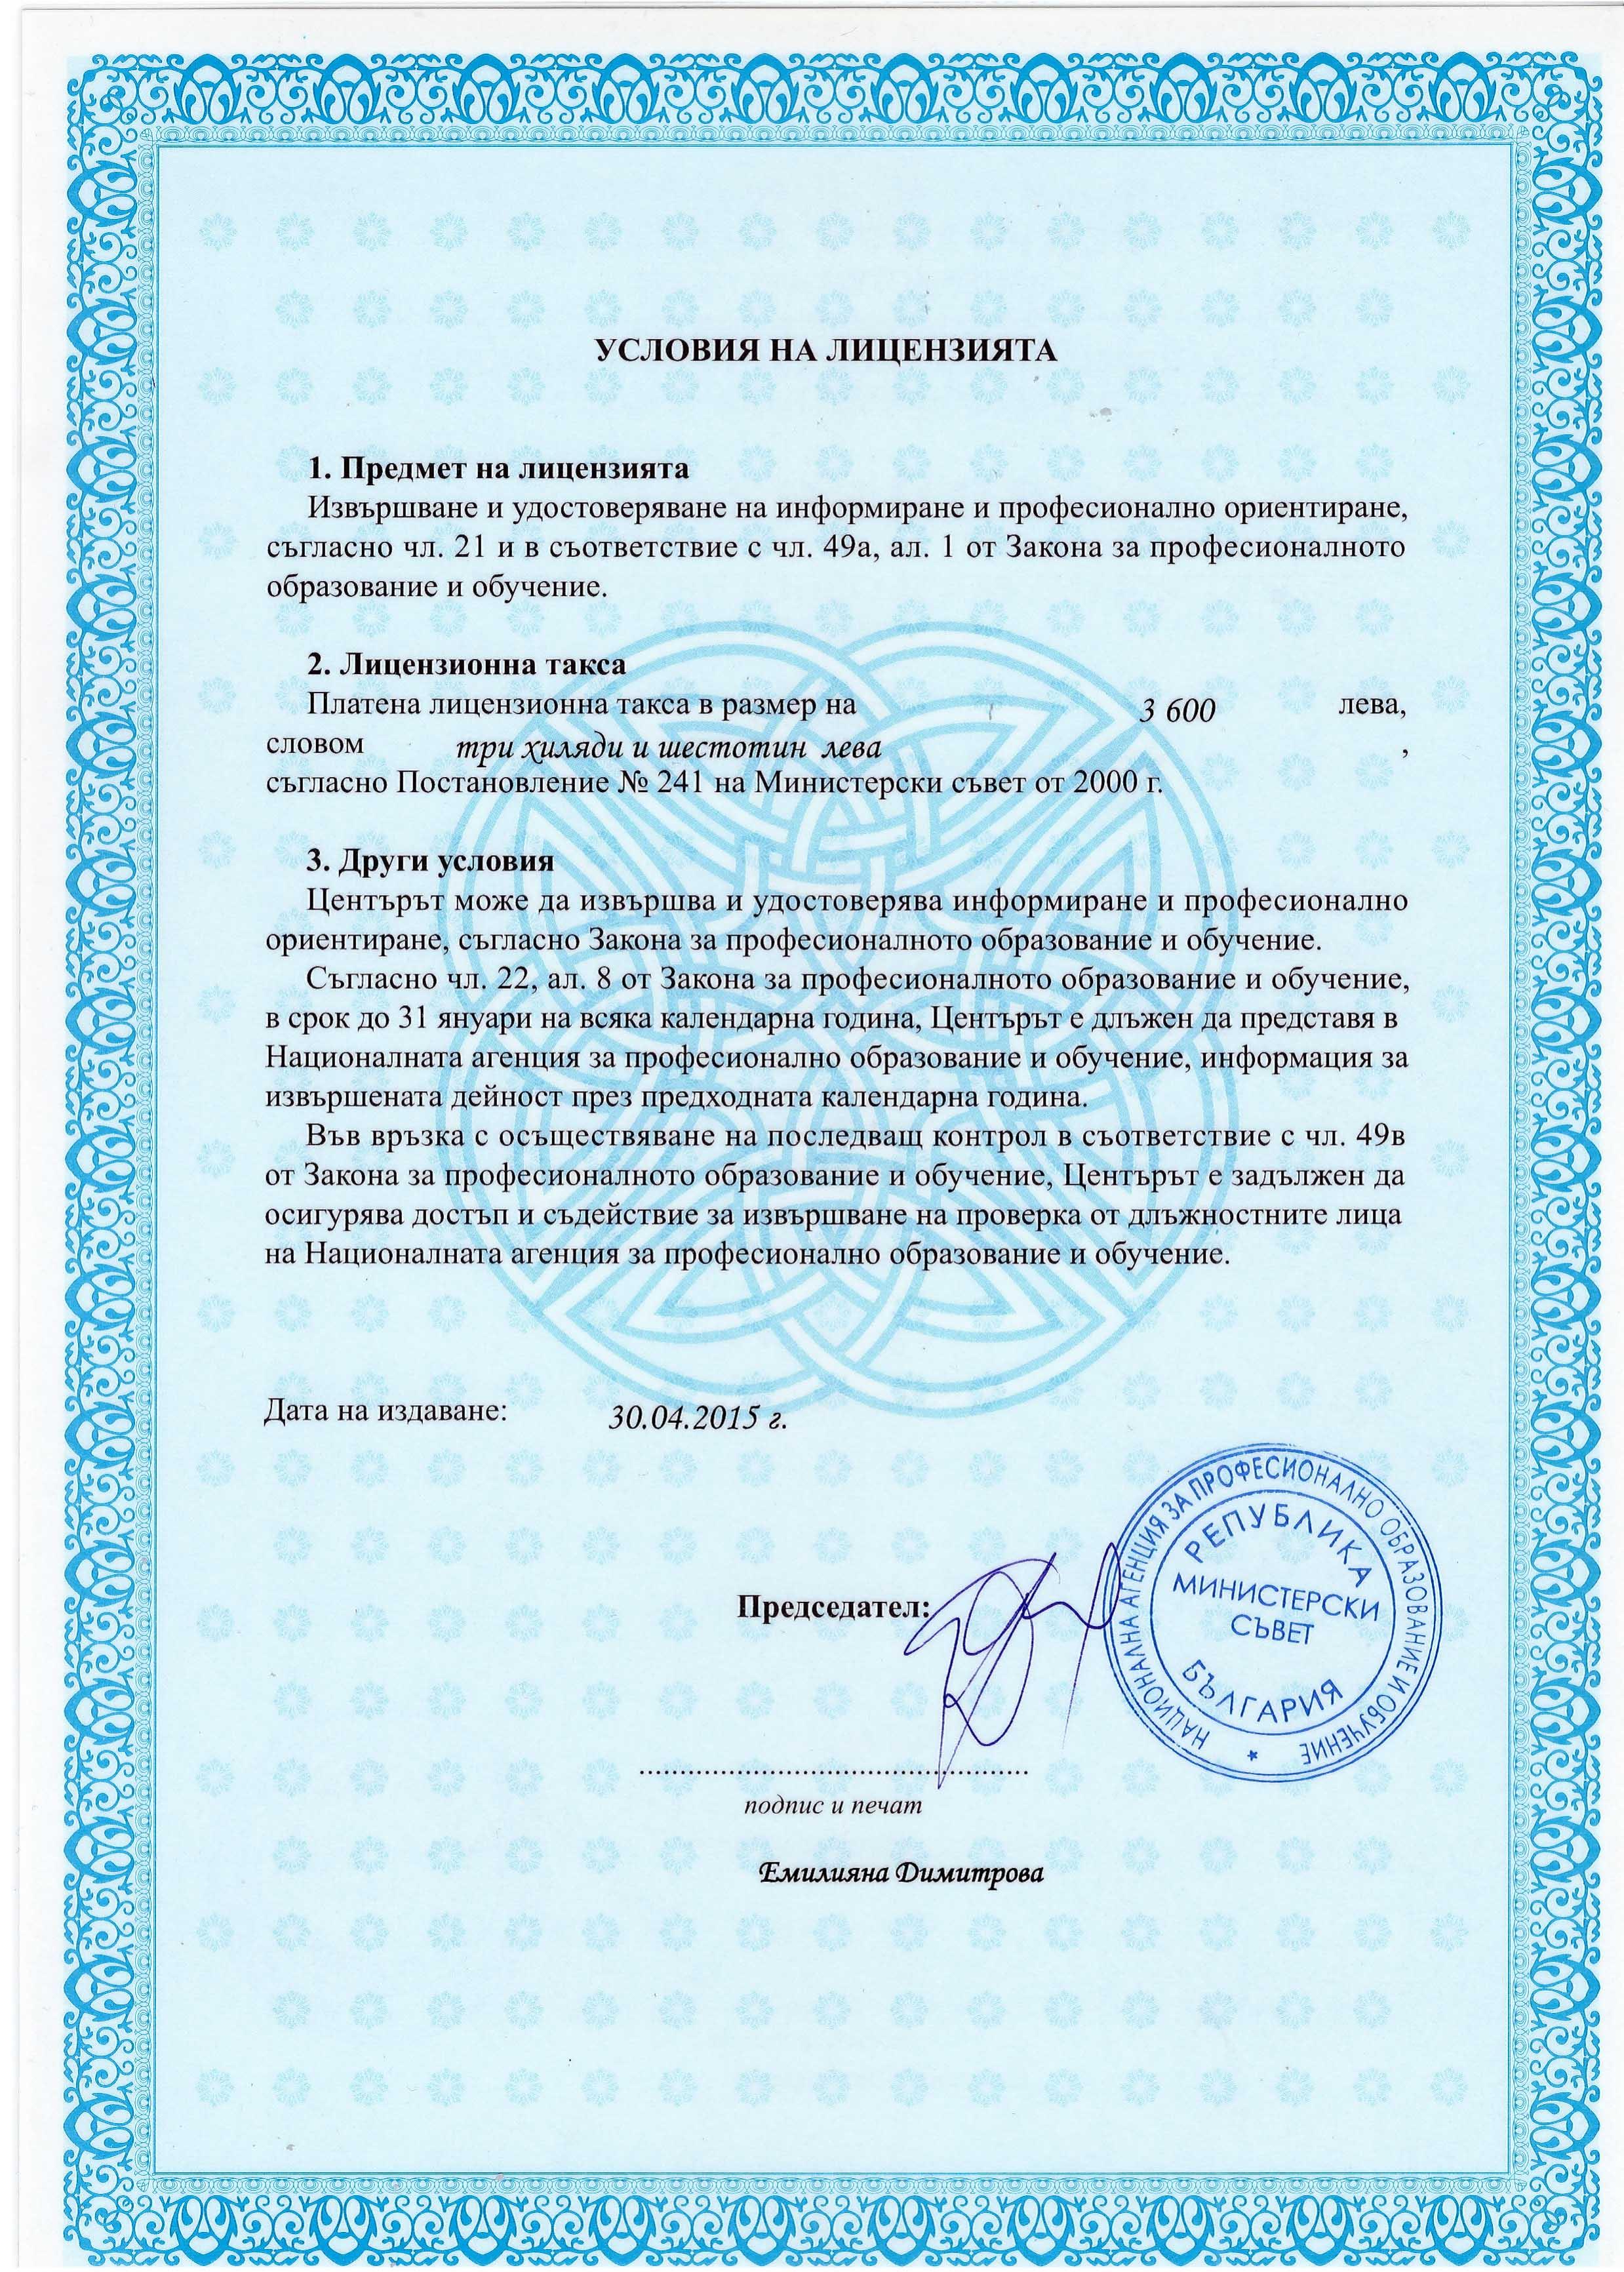 Условия на лицензията на ЦИПО